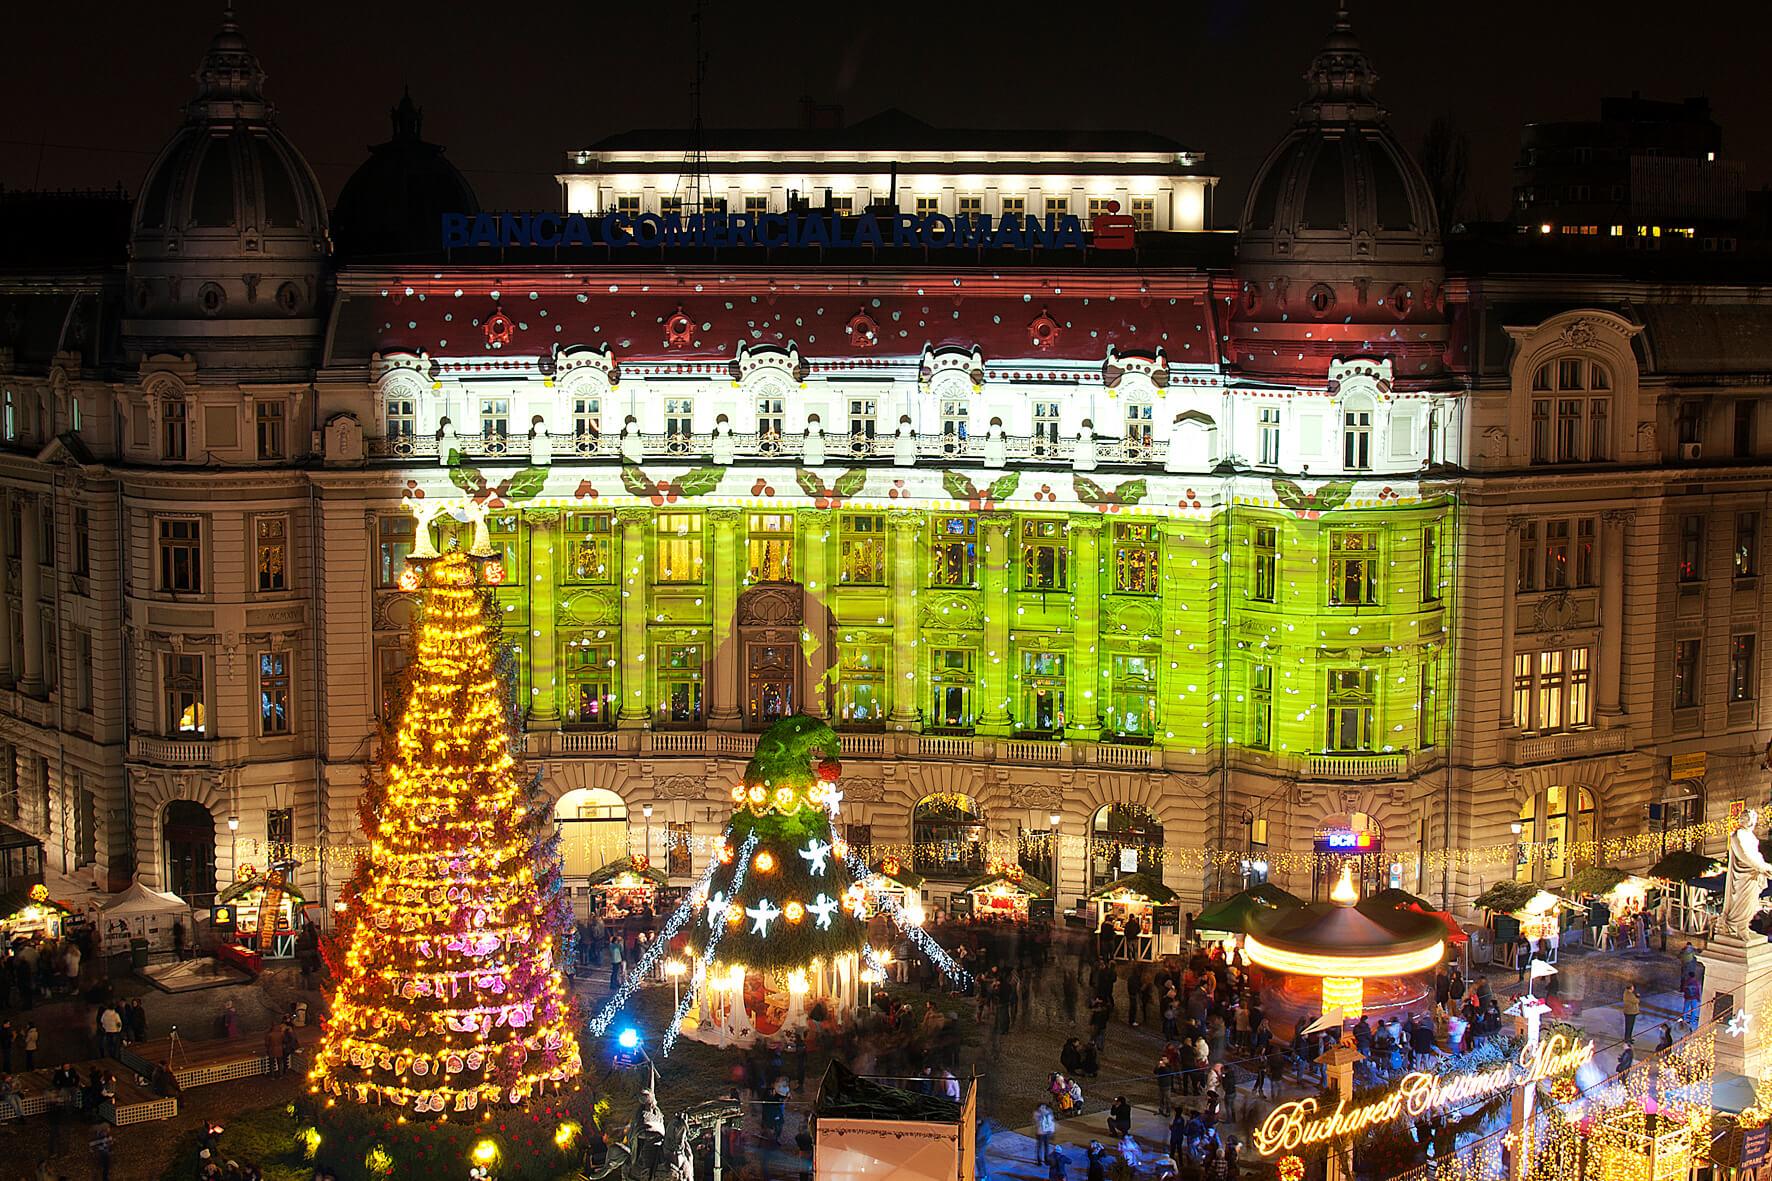 Se deschide Târgul de Crăciun al Capitalei 129 de căsuțe cu produse de sezon, patinoar, carusel pentru copii